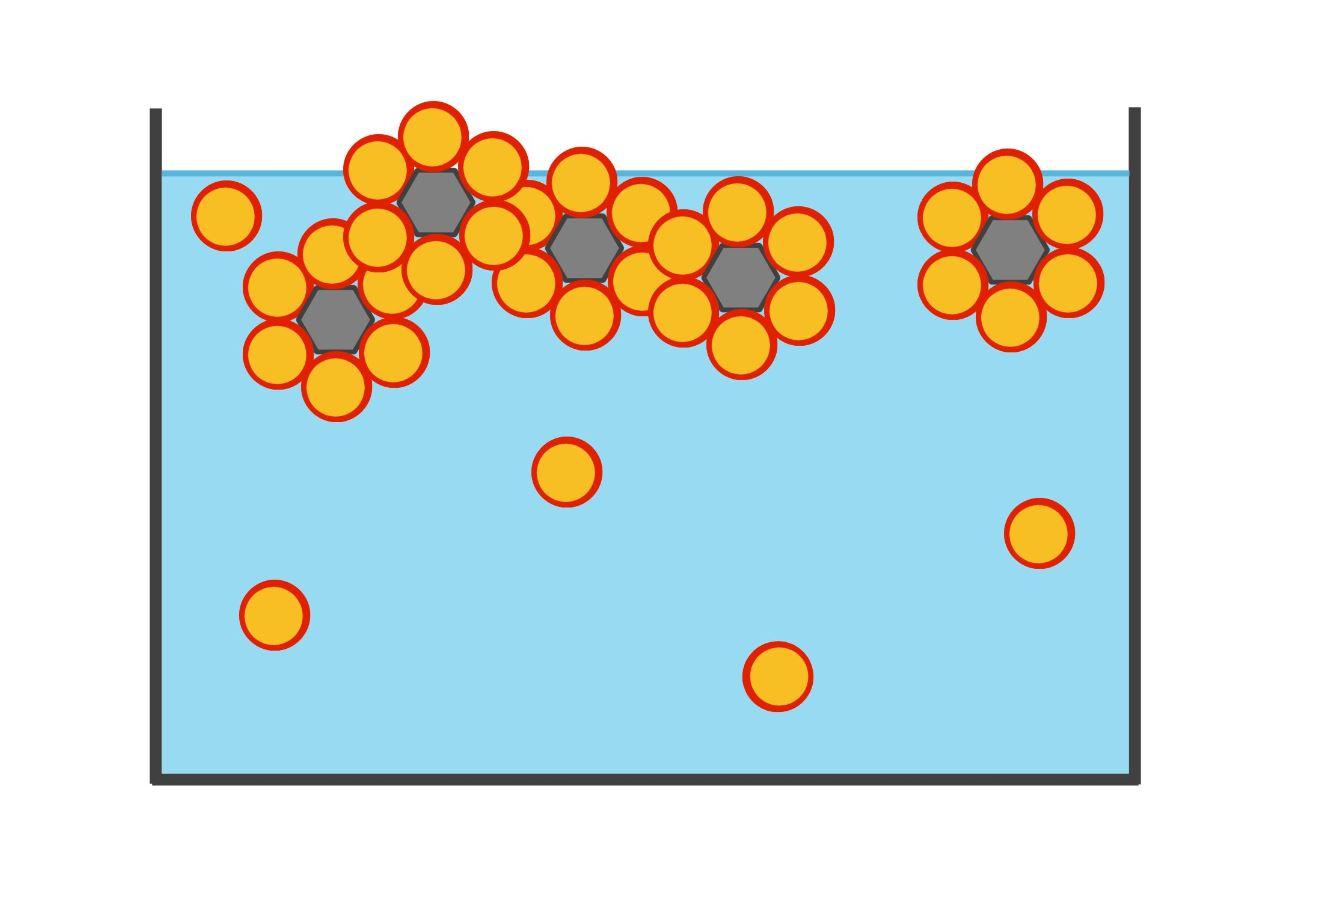 Grafik Emulsion entmischt